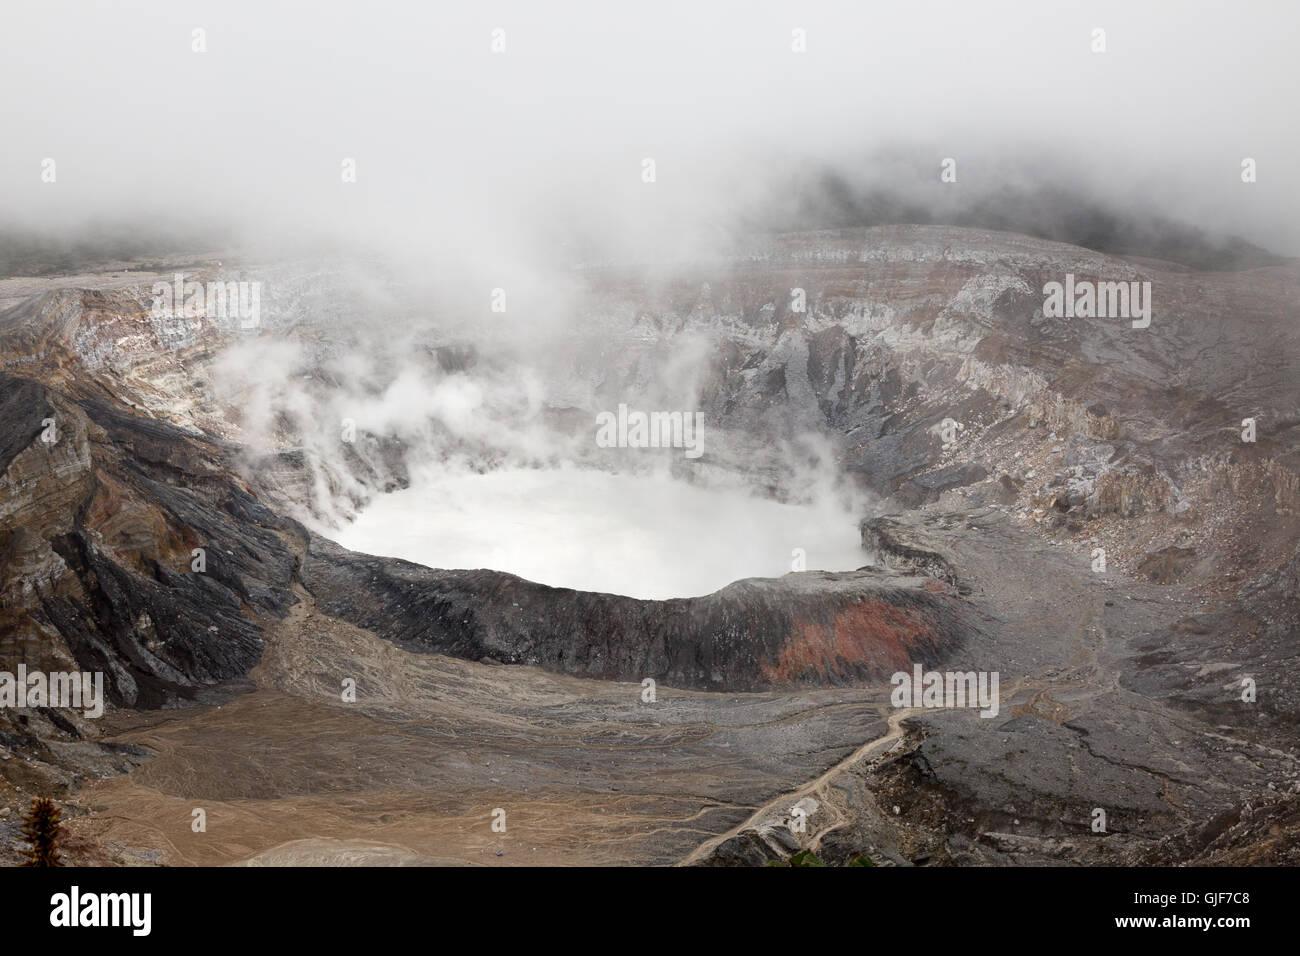 Cráter del volcán Poas, un estratovolcán activo, Parque Nacional Volcan Poas, Costa Rica, Centroamérica Imagen De Stock